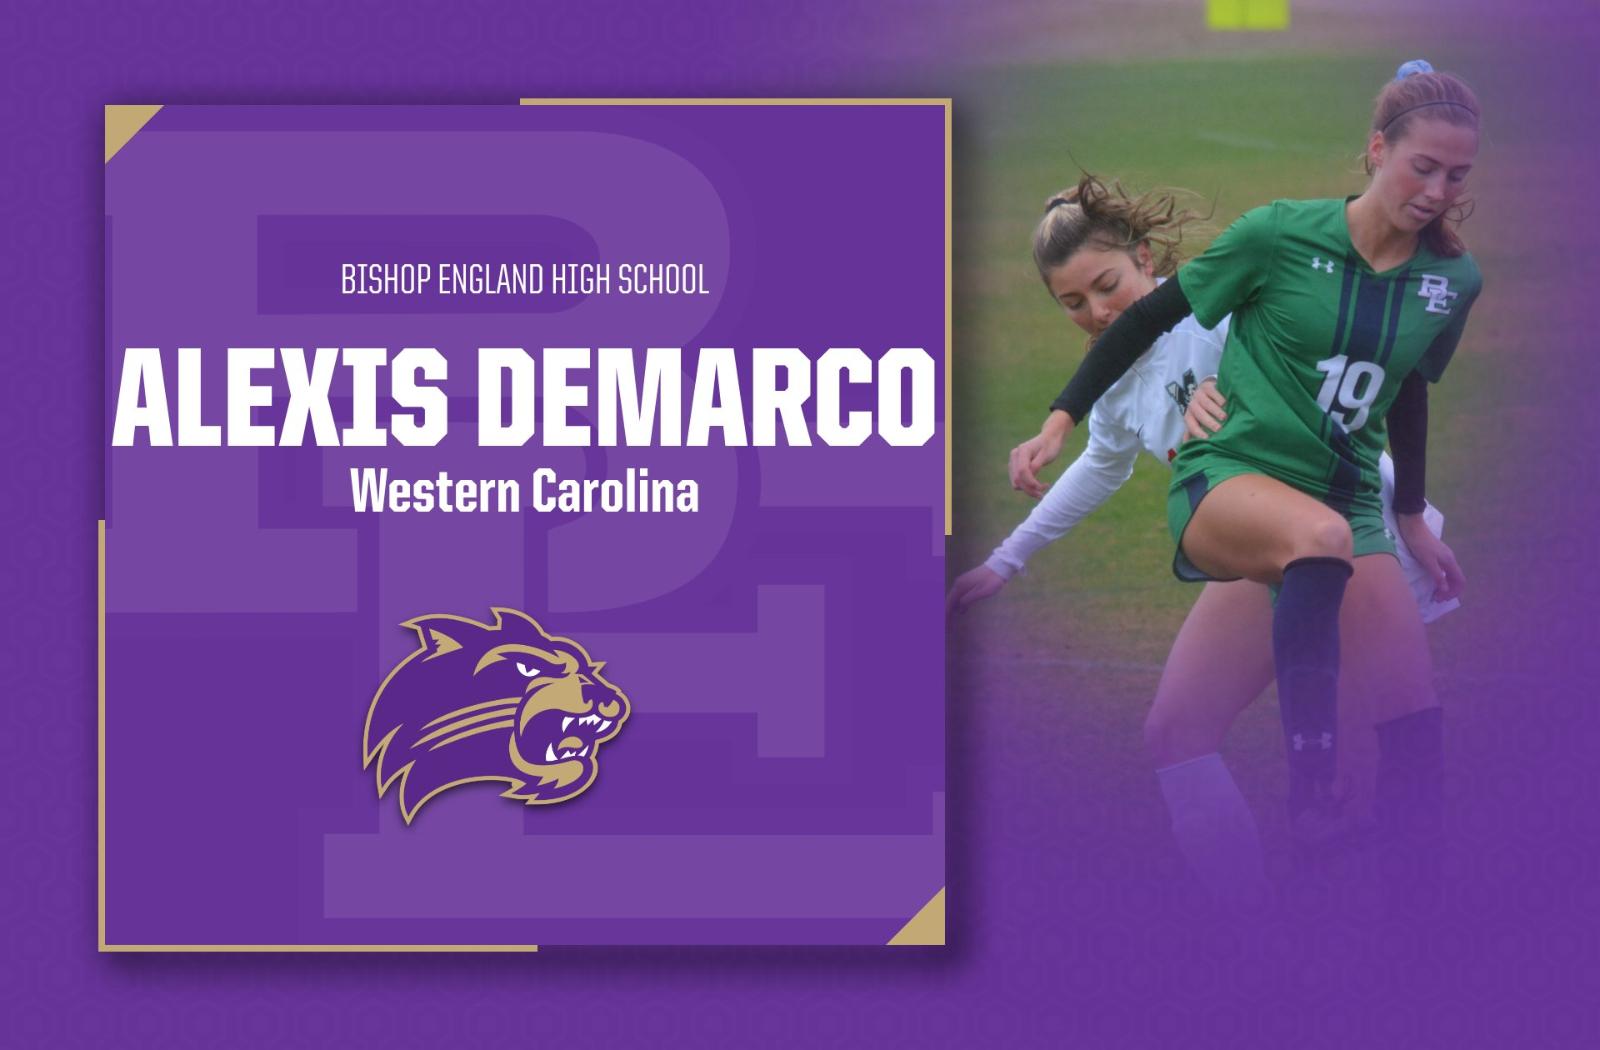 Congratulations Alexis DeMarco